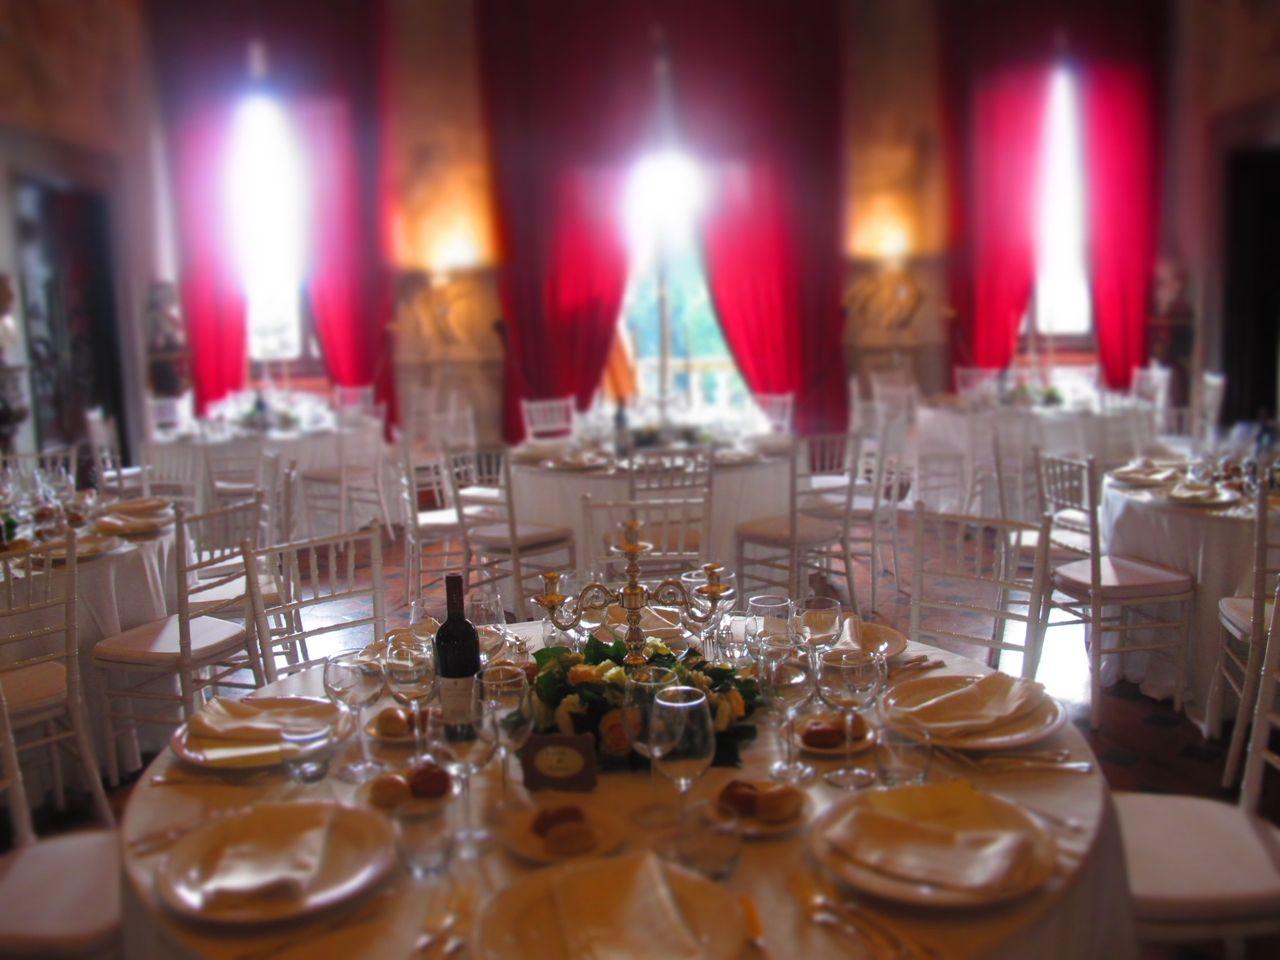 Il matrimonio in Villa d'Epoca